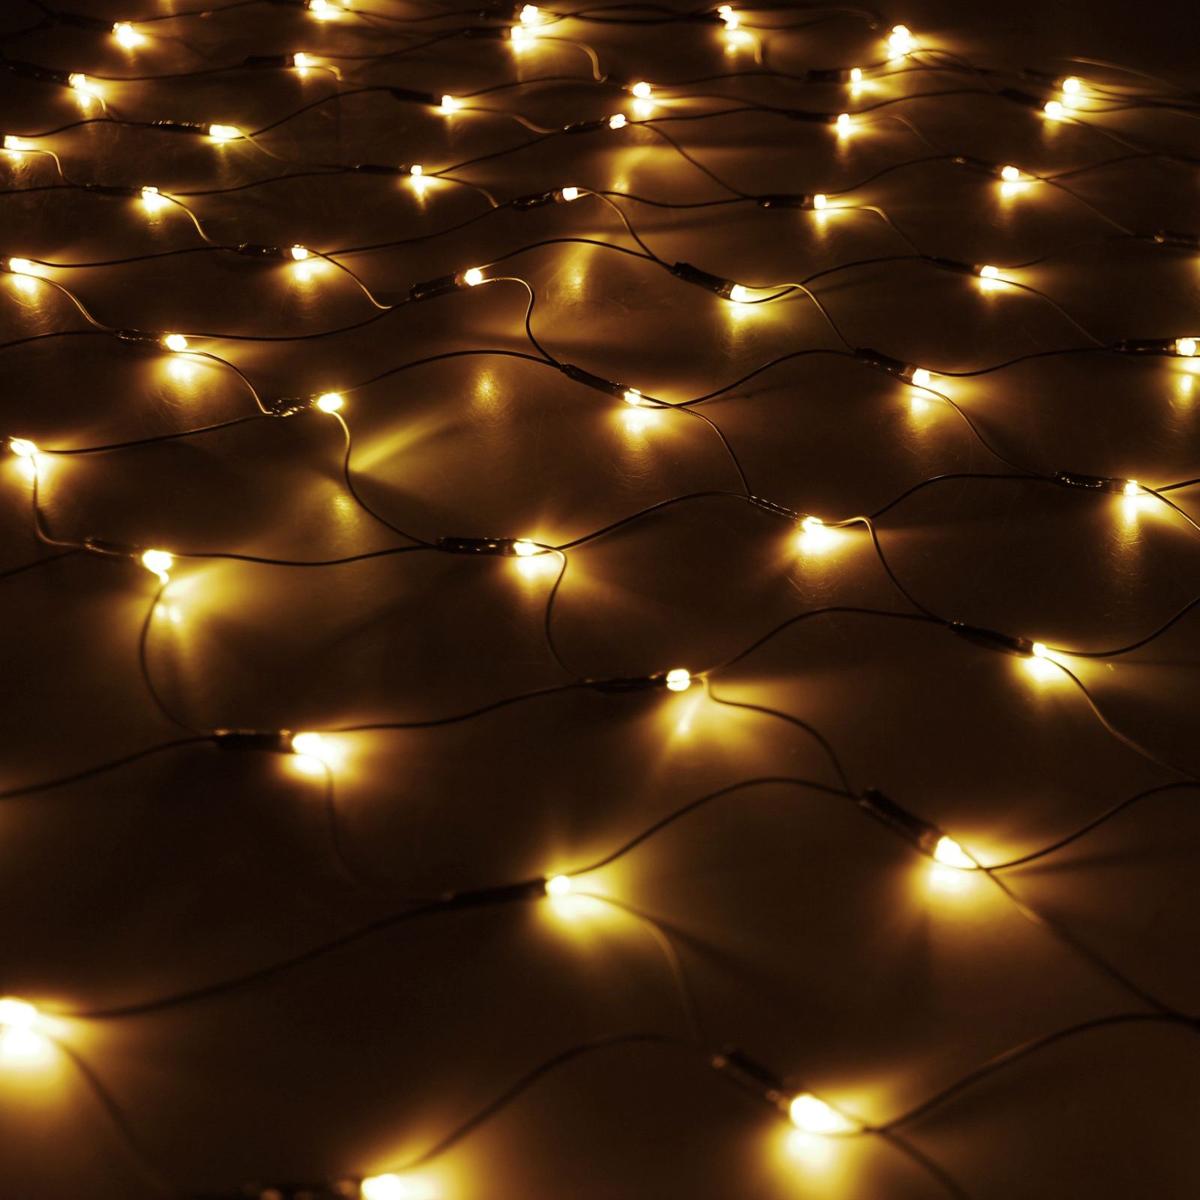 Гирлянда Luazon Сетка, длина 0,9 м, LED 120 ламп, 220V, цвет: желтый. 1872131080398Светодиодные гирлянды, ленты и т.д - это отличный вариант для новогоднего оформления интерьера или фасада. С их помощью помещение любого размера можно превратить в праздничный зал, а внешние элементы зданий, украшенные ими, мгновенно станут напоминать очертания сказочного дворца. Такие украшения создают ауру предвкушения чуда. Деревья, фасады, витрины, окна и арки будто специально созданы, чтобы вы украсили их светящимися нитями.